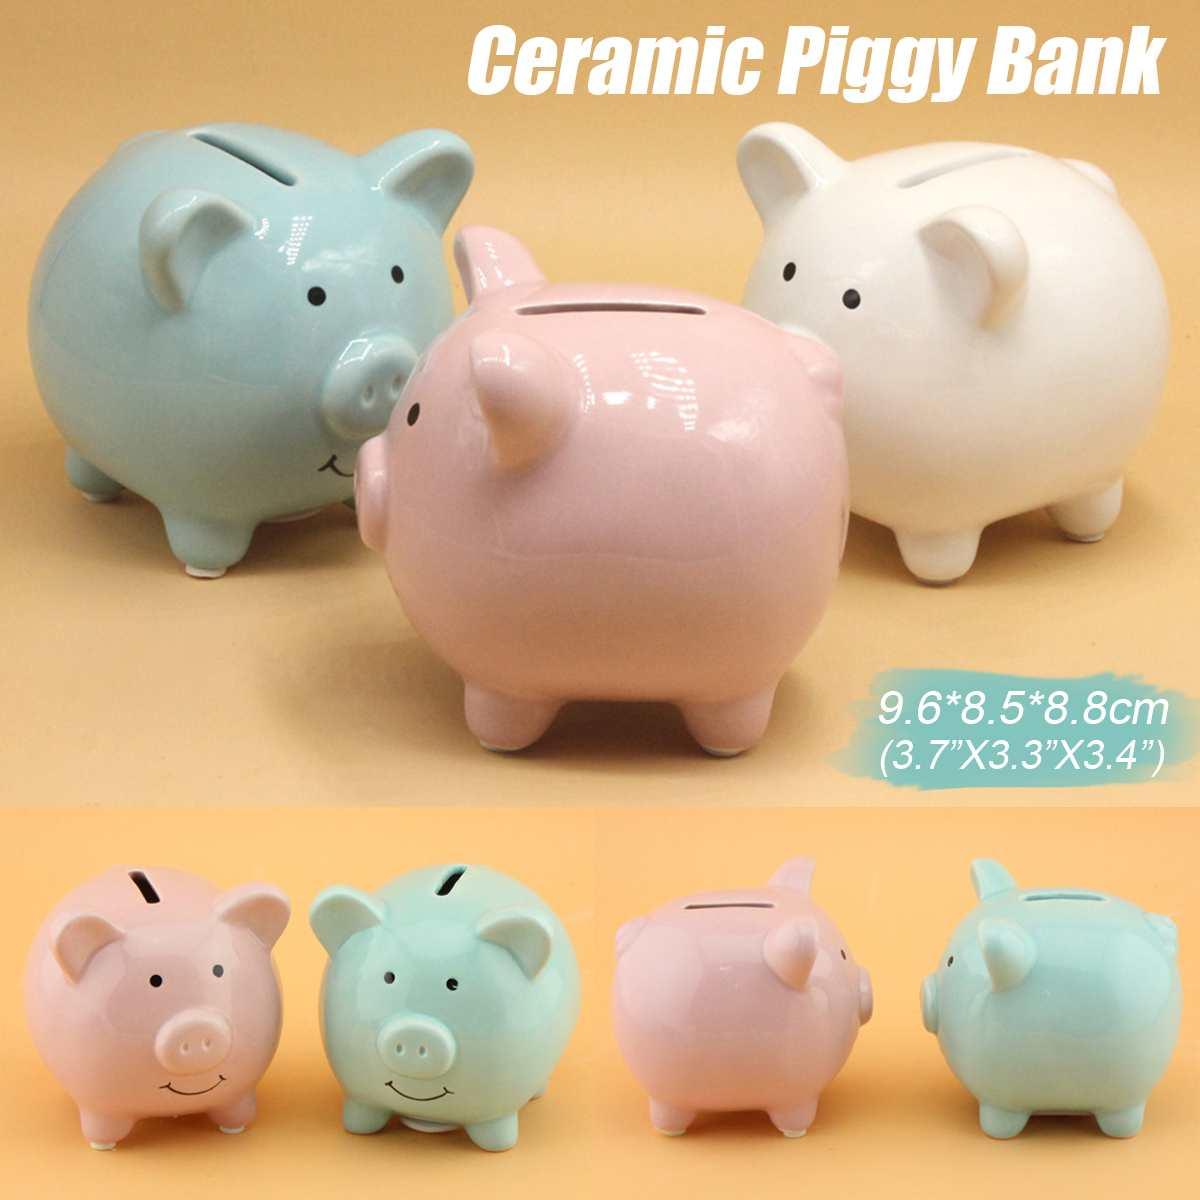 Hucha para guardar dinero, hucha, decoración del hogar, juguetes para niños, cajas de dinero, dibujos animados en forma de cerdo, regalo de cumpleaños, monedas, almacenamiento en efectivo